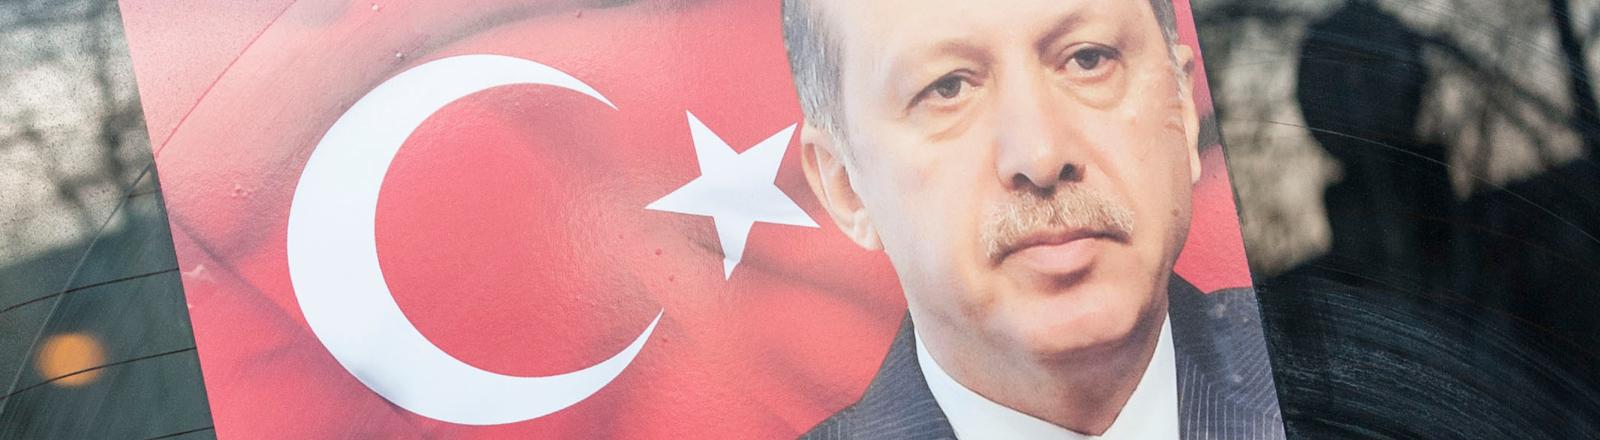 Der türkische Ministerpräsident Erdogan.